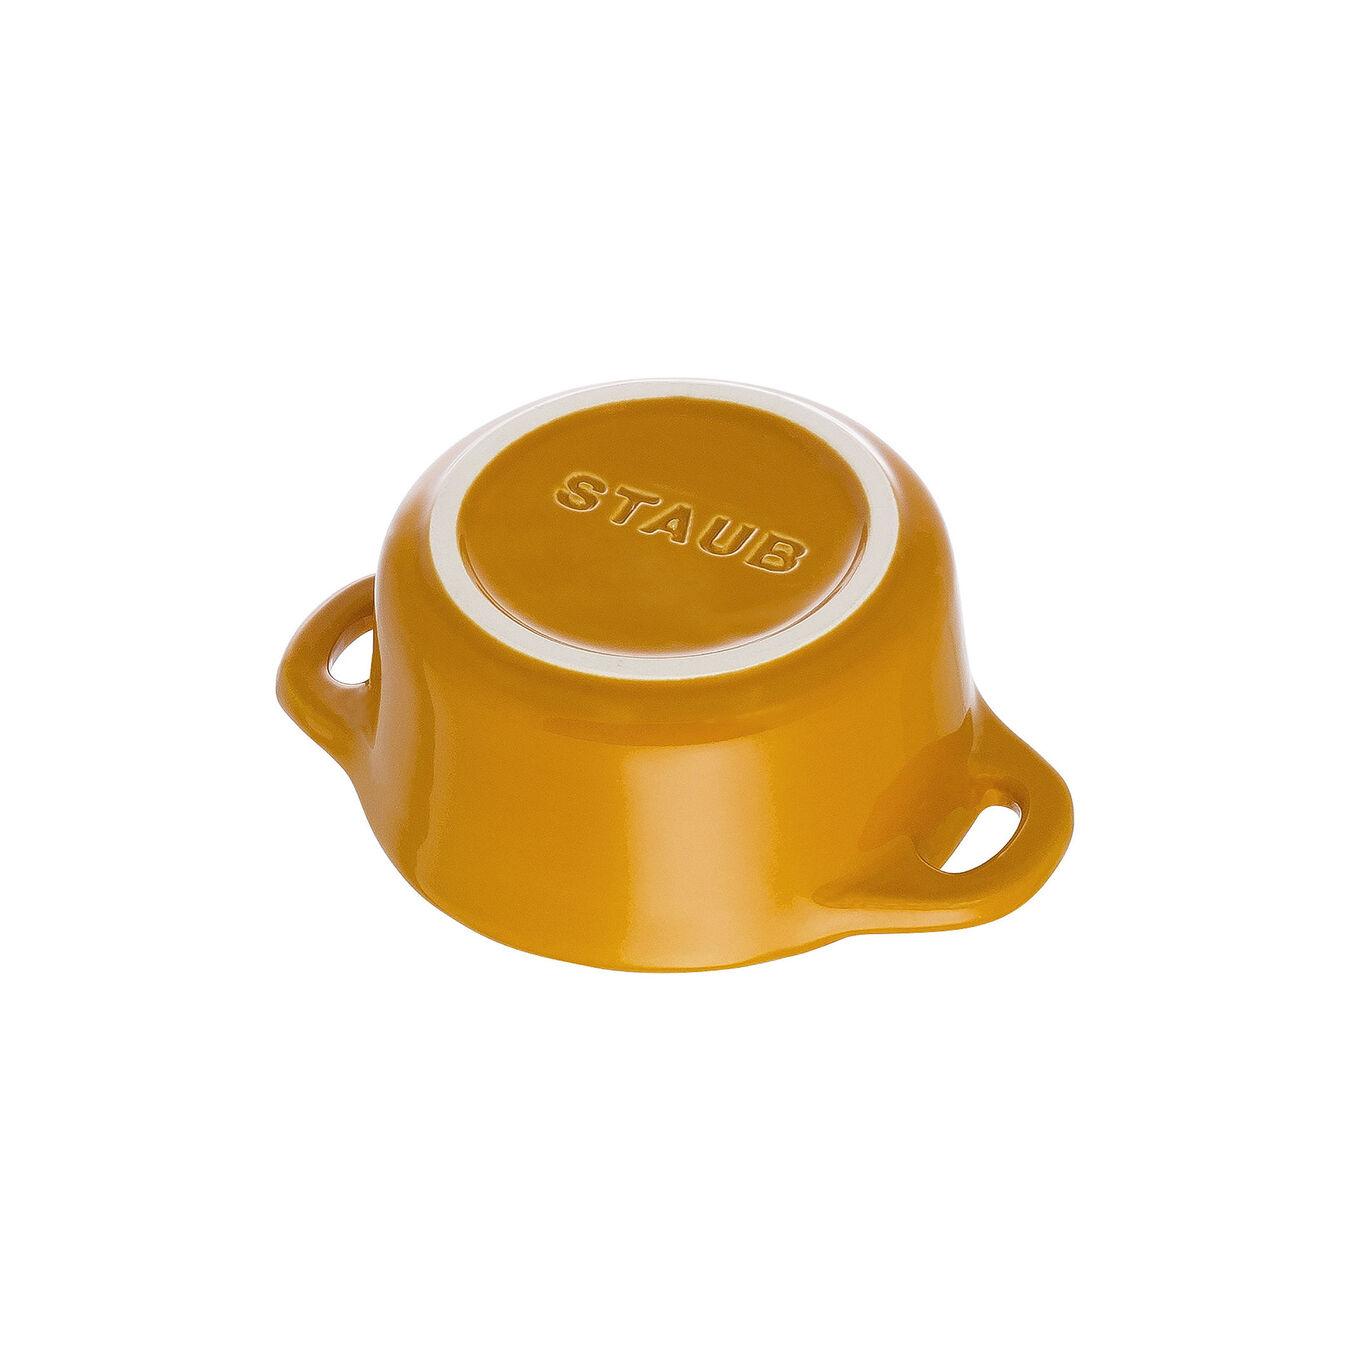 Mini Cocotte 10 cm, Rond(e), Moutarde, Céramique,,large 5